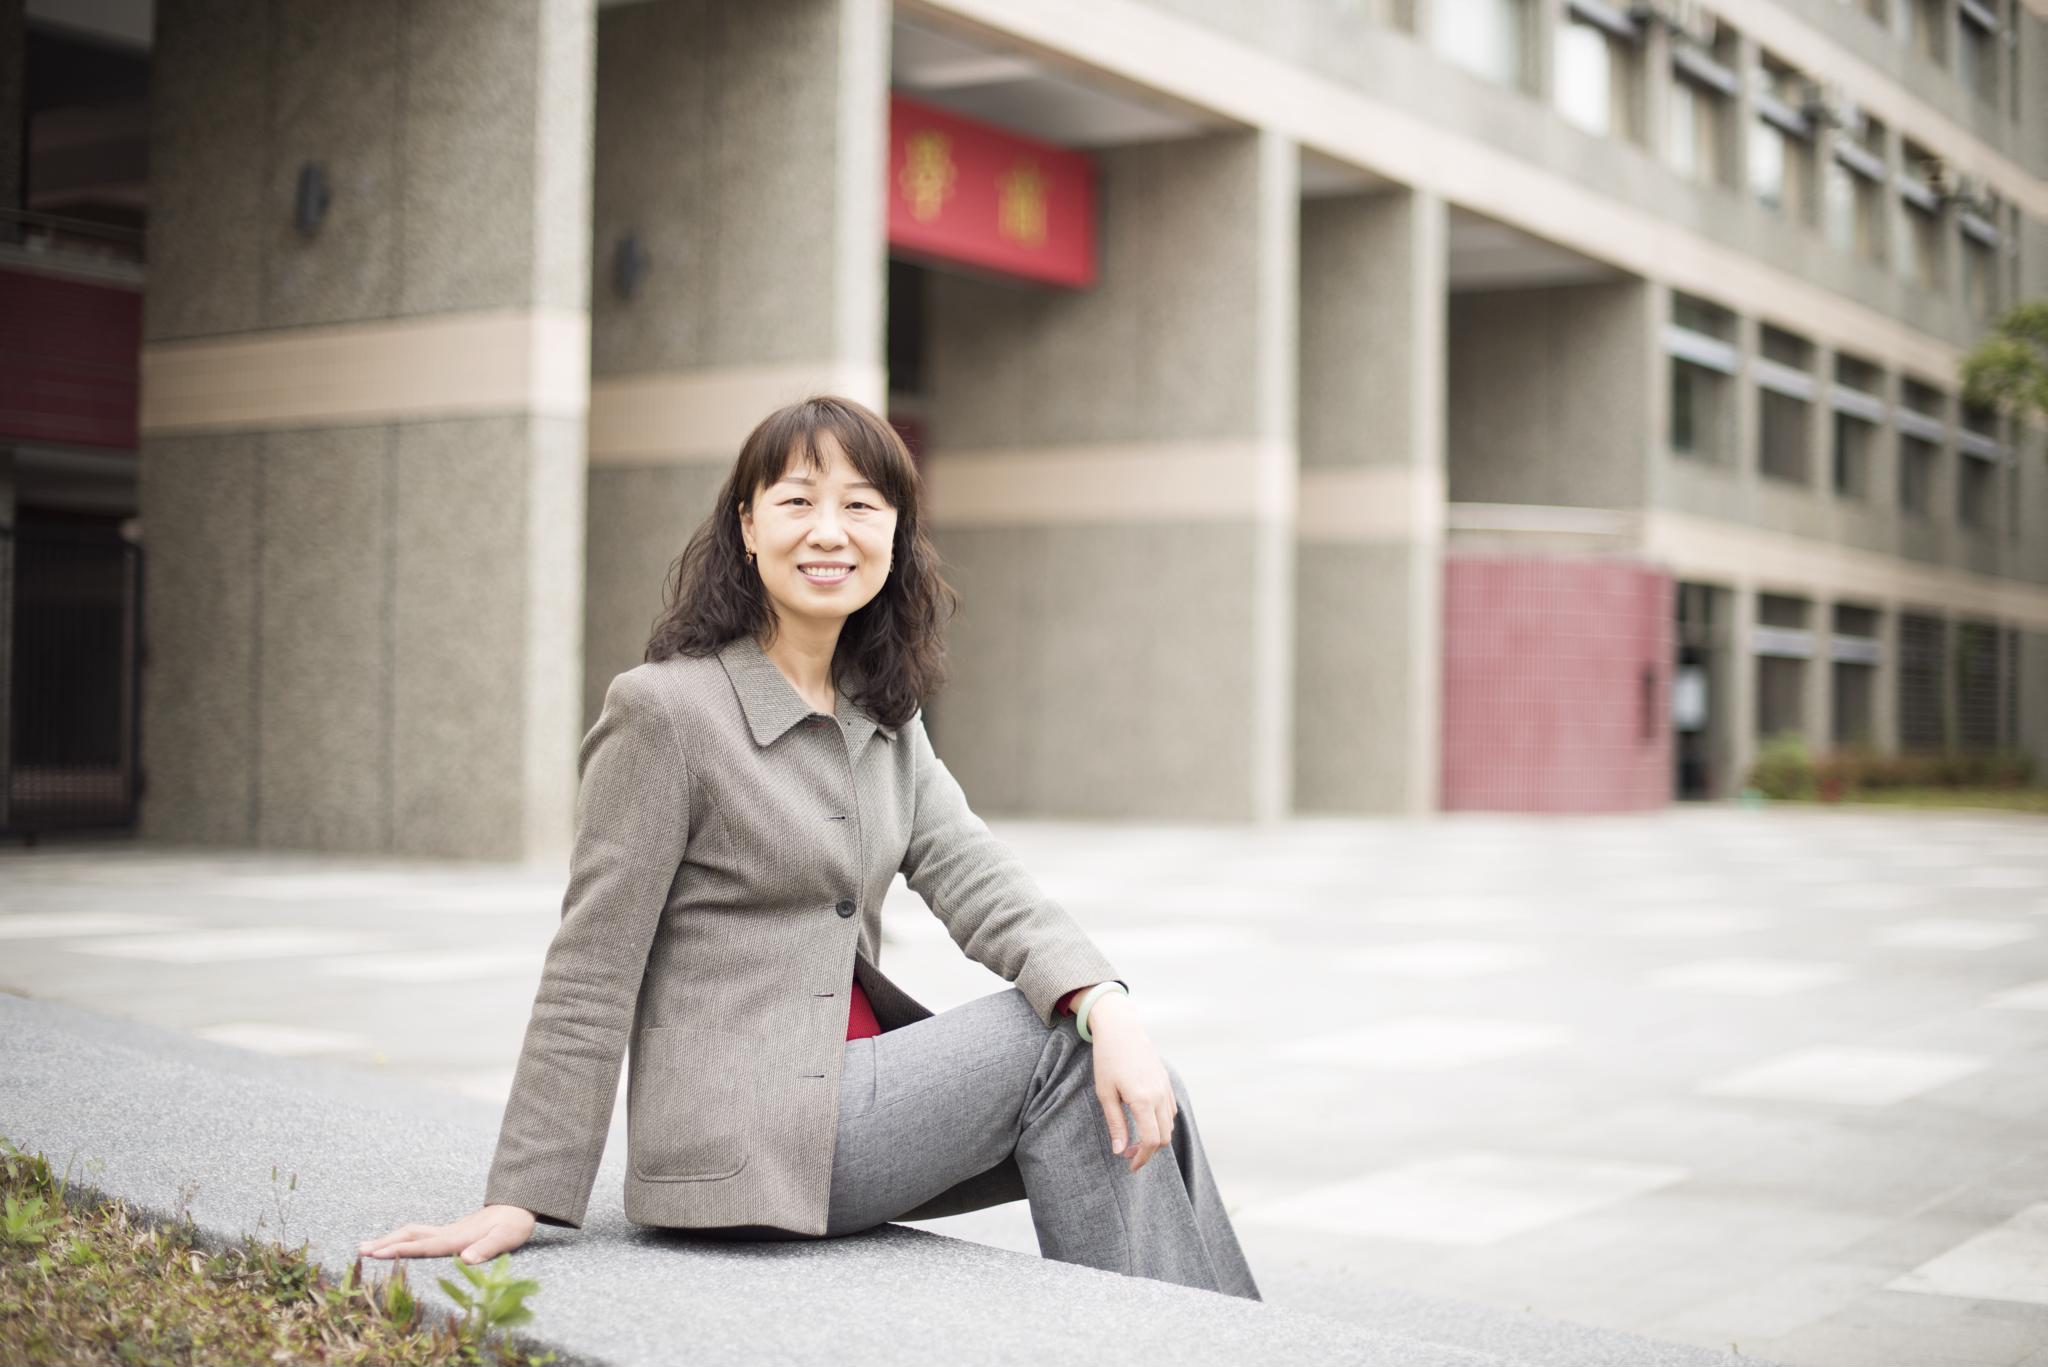 《107學年度優良導師專題報導》企管系邱雅萍:挑戰困難的事情,掌握成長的契機!